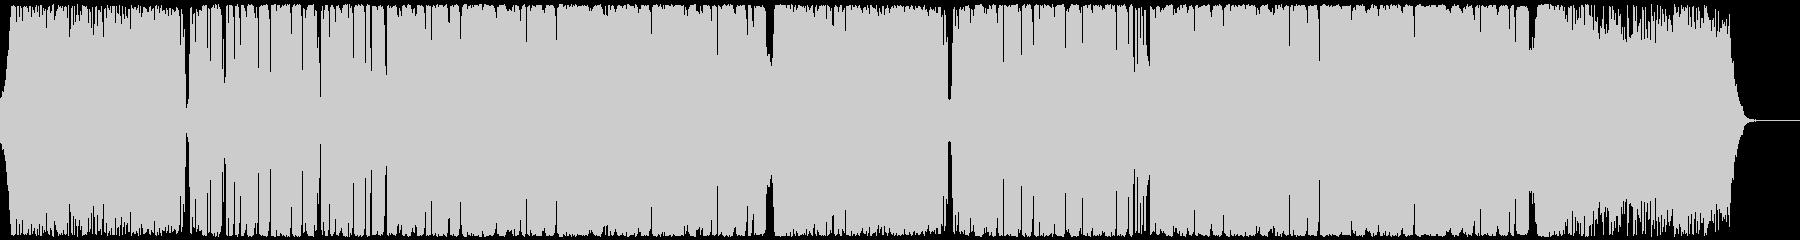 ポップでポジティブなEDMハウスの未再生の波形